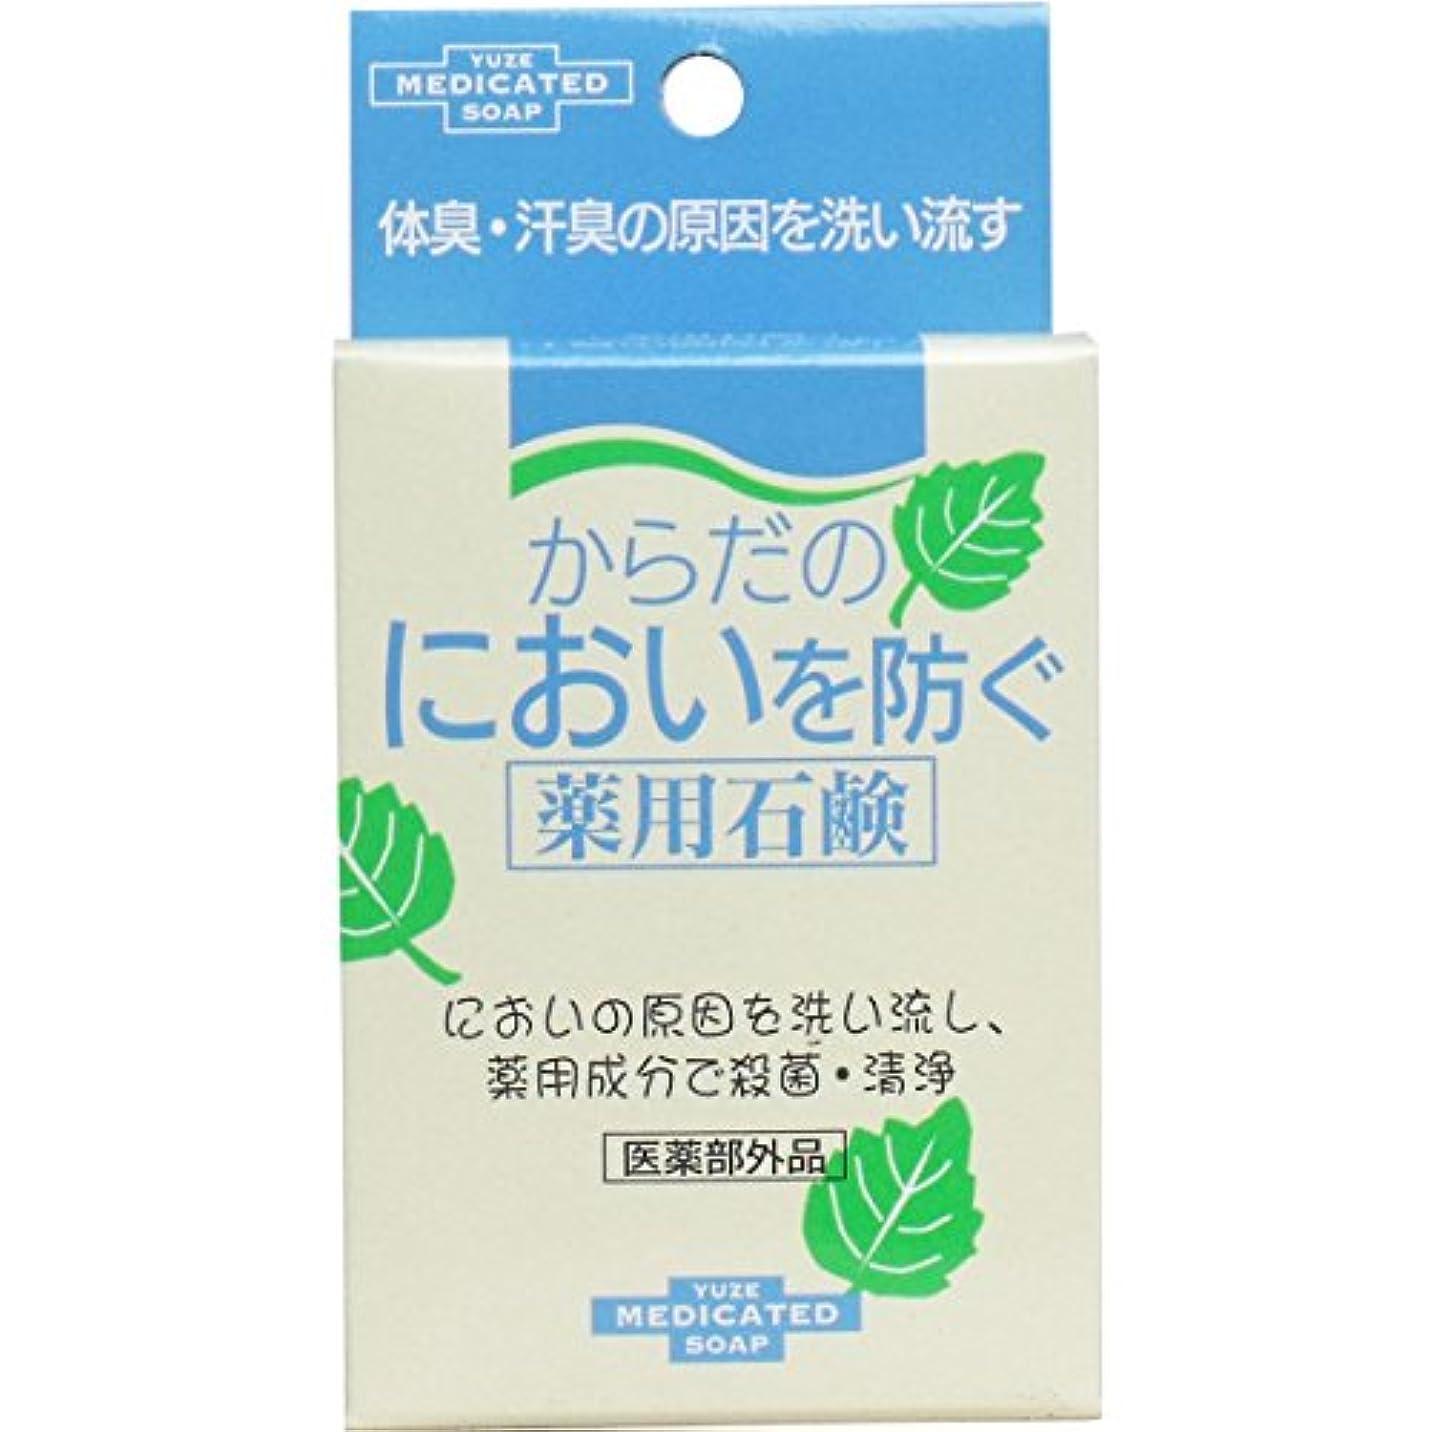 エスカレーター乏しいキャラクターユゼ からだのにおいを防ぐ薬用石鹸 7セット